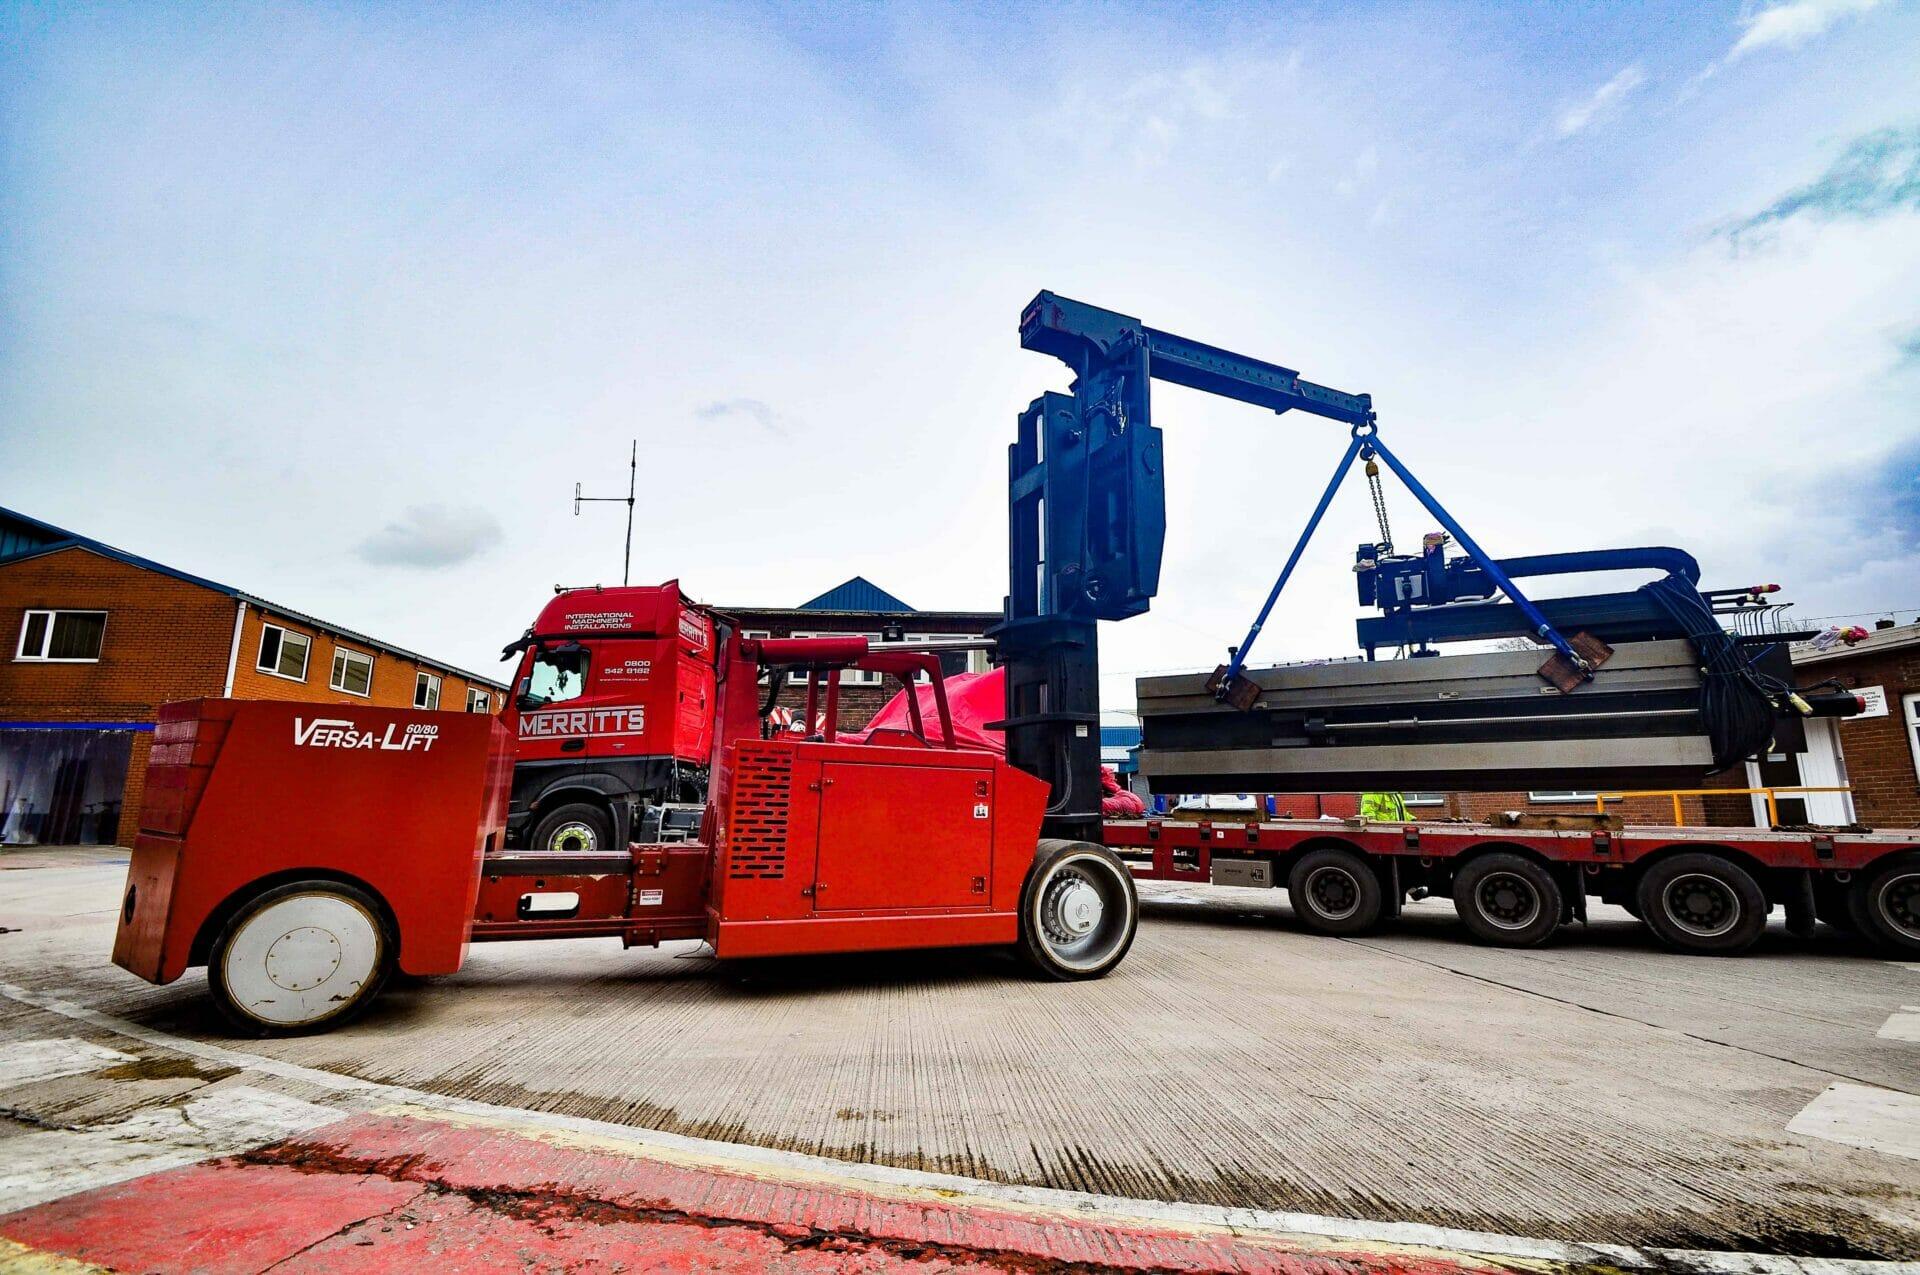 versa-lift trucks | heavy machinery moving